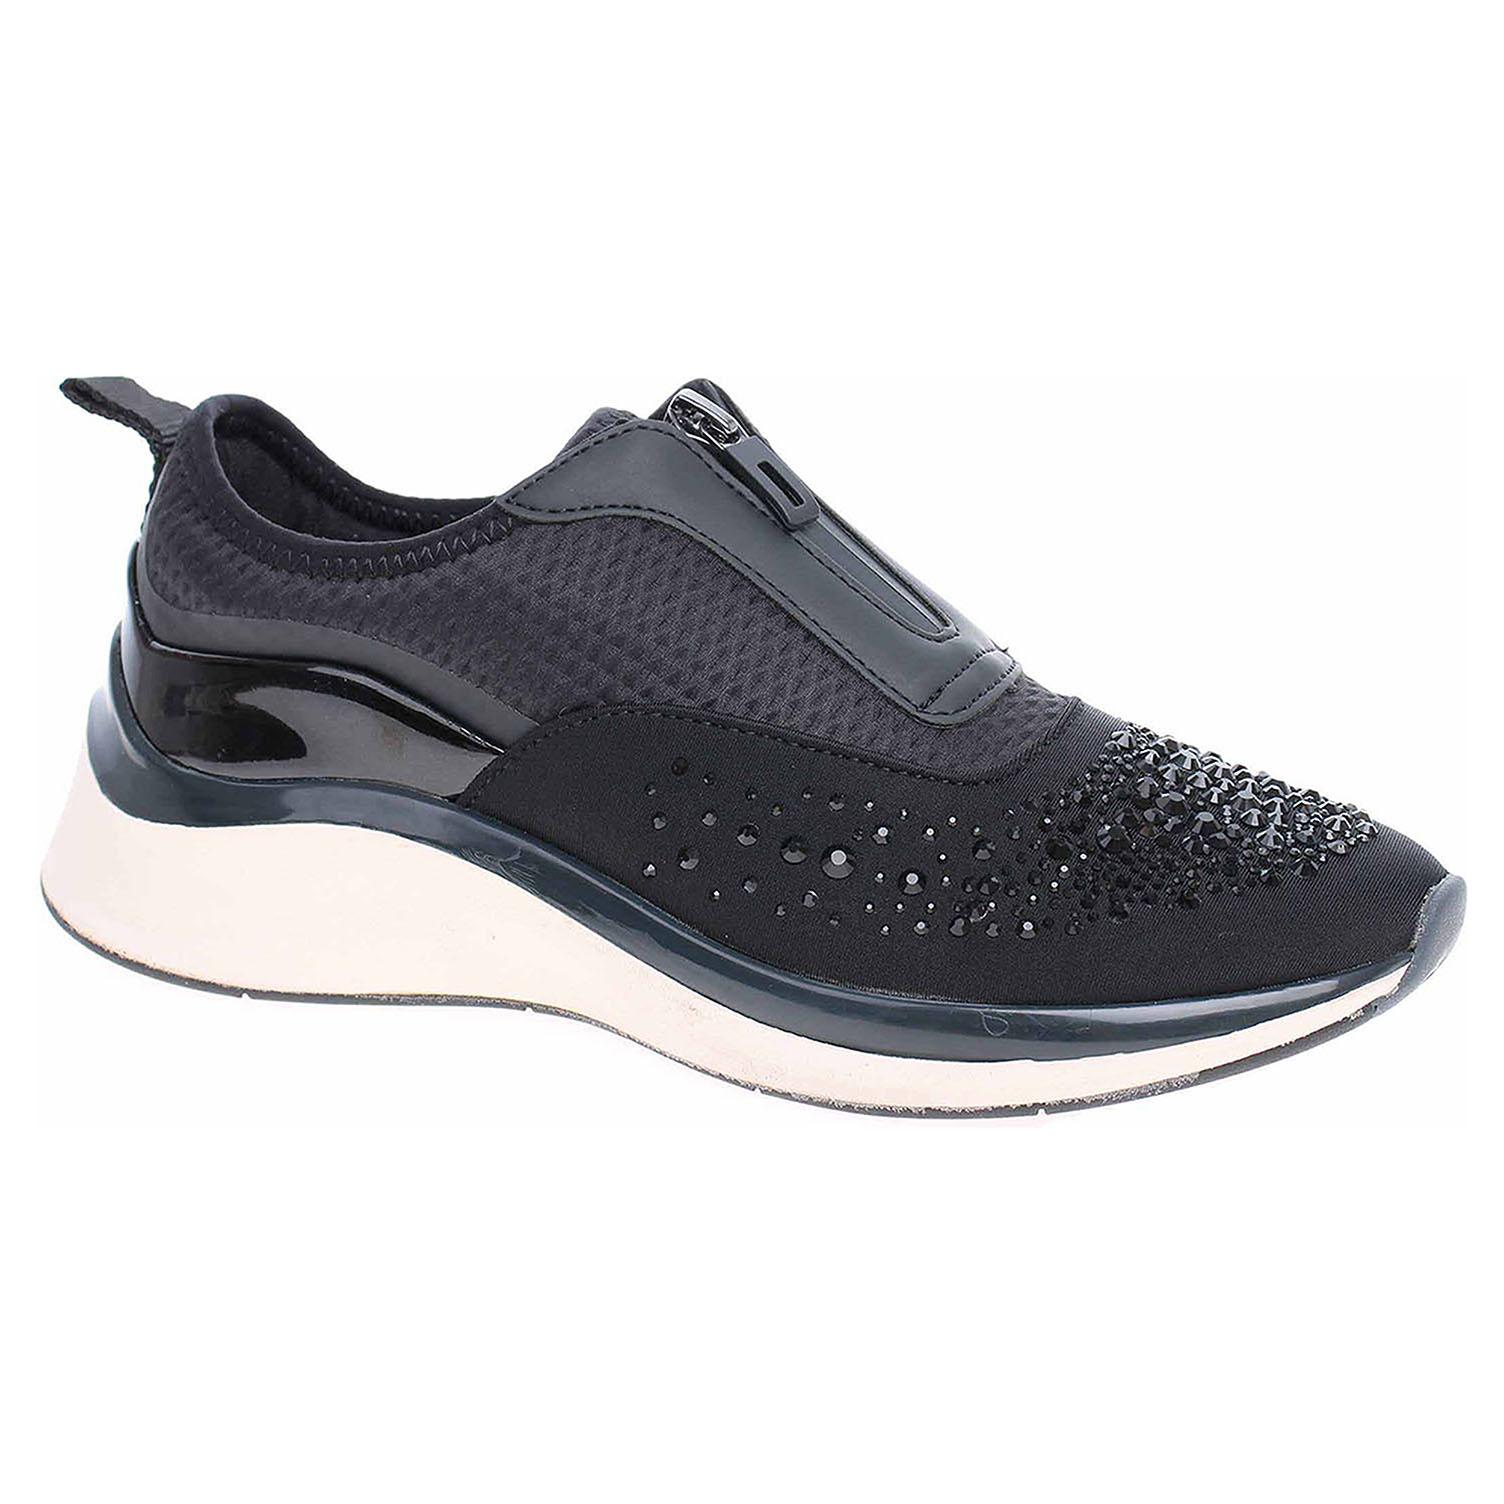 Dámská obuv Tamaris 1-24792-31 black 1-1-24792-31 001 39